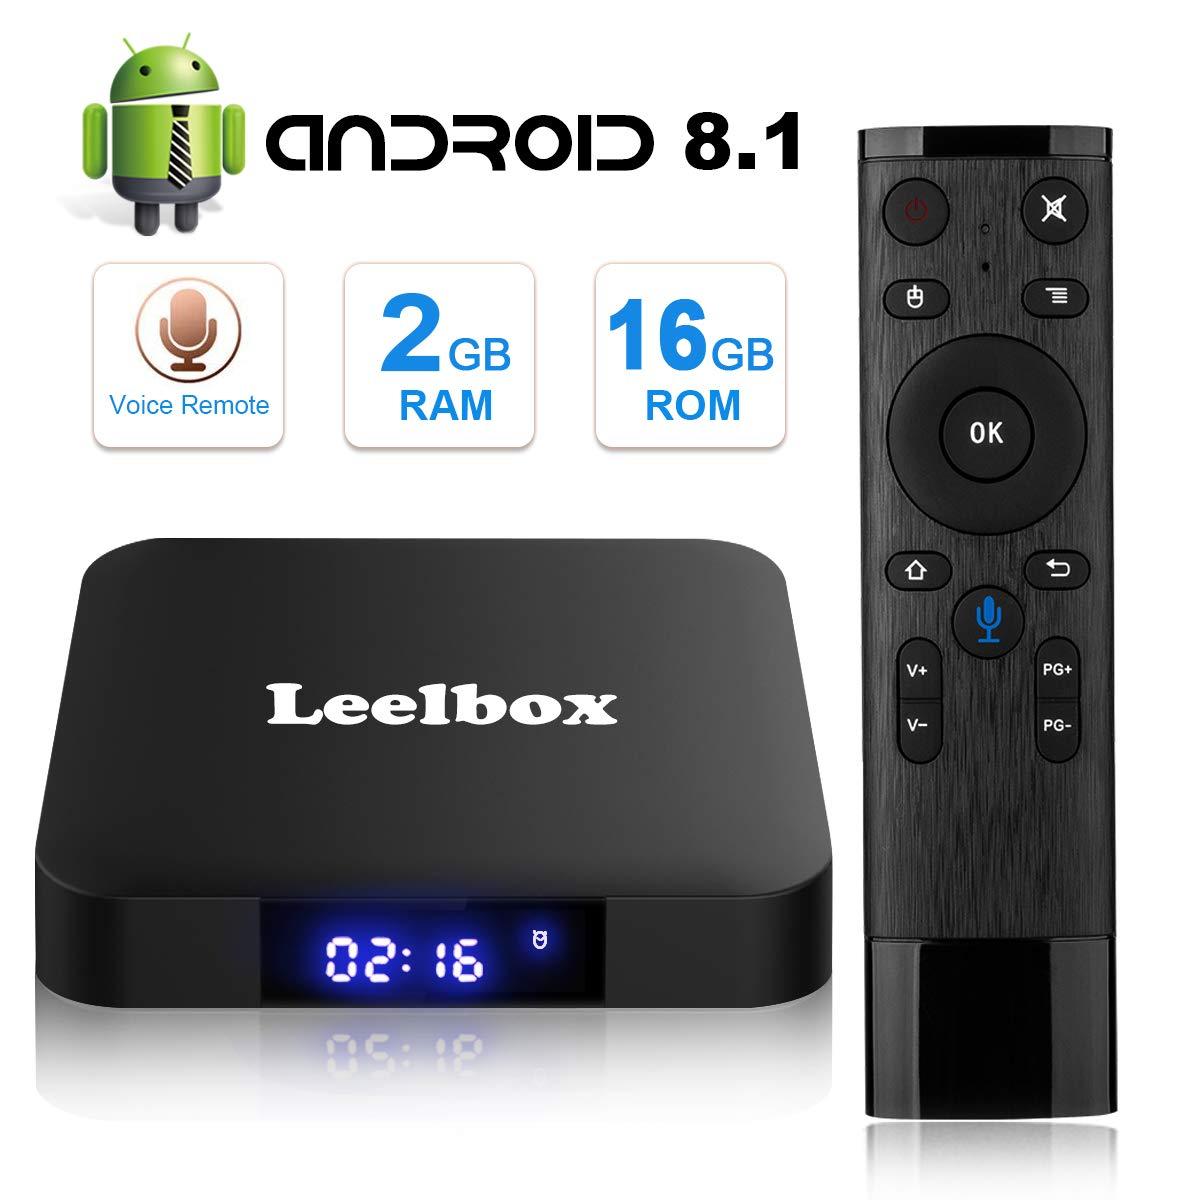 TV Box Android,8.1 tv box 2.4GHz WiFi Android Set-Top Box Amlogic S905W Quad-Core 2GB RAM /& 16GB ROM,4K Ultra HD Leelbox Smart TV Box con Telecomando Vocale